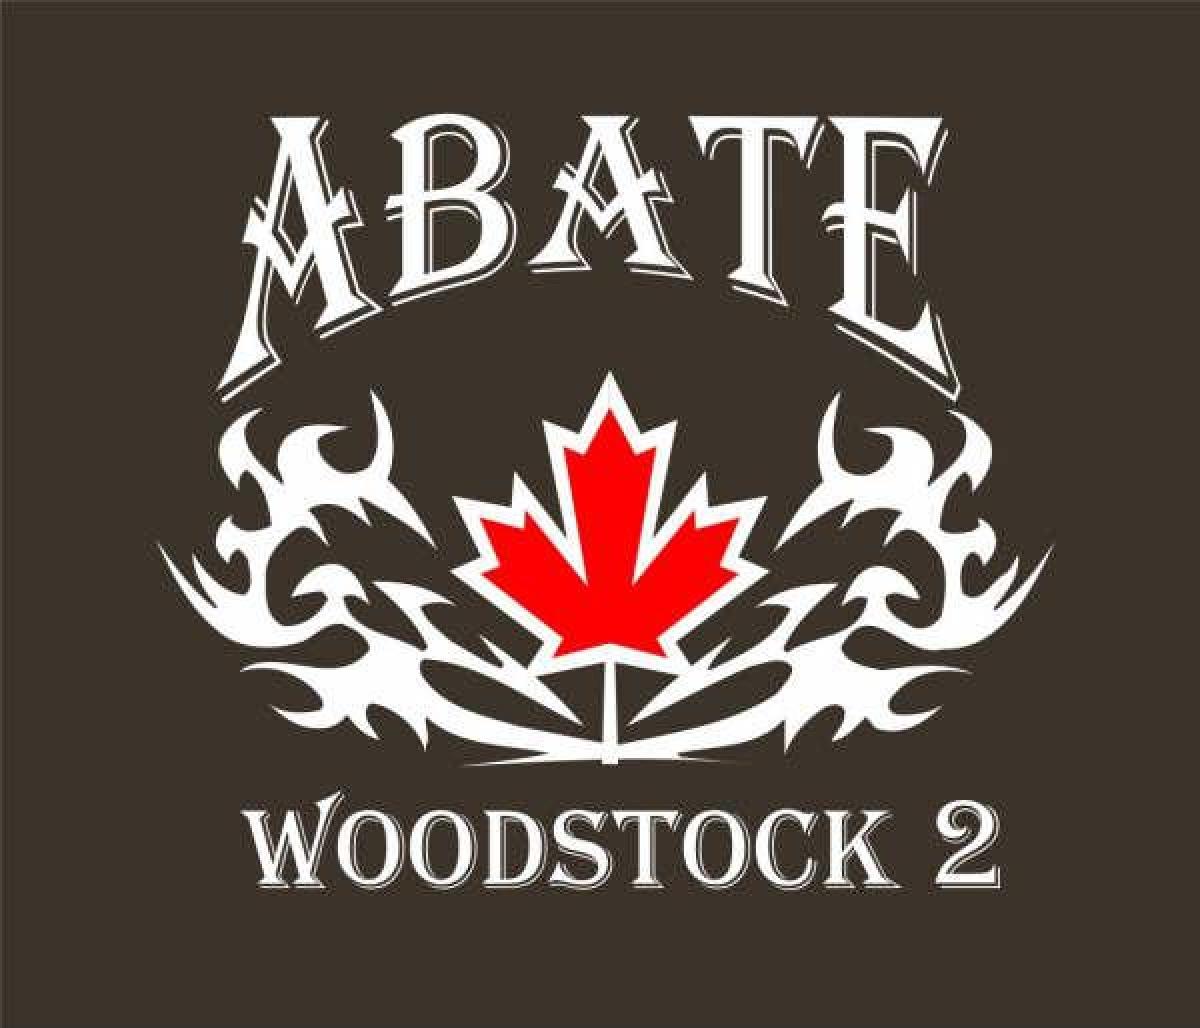 Abate Woodstock